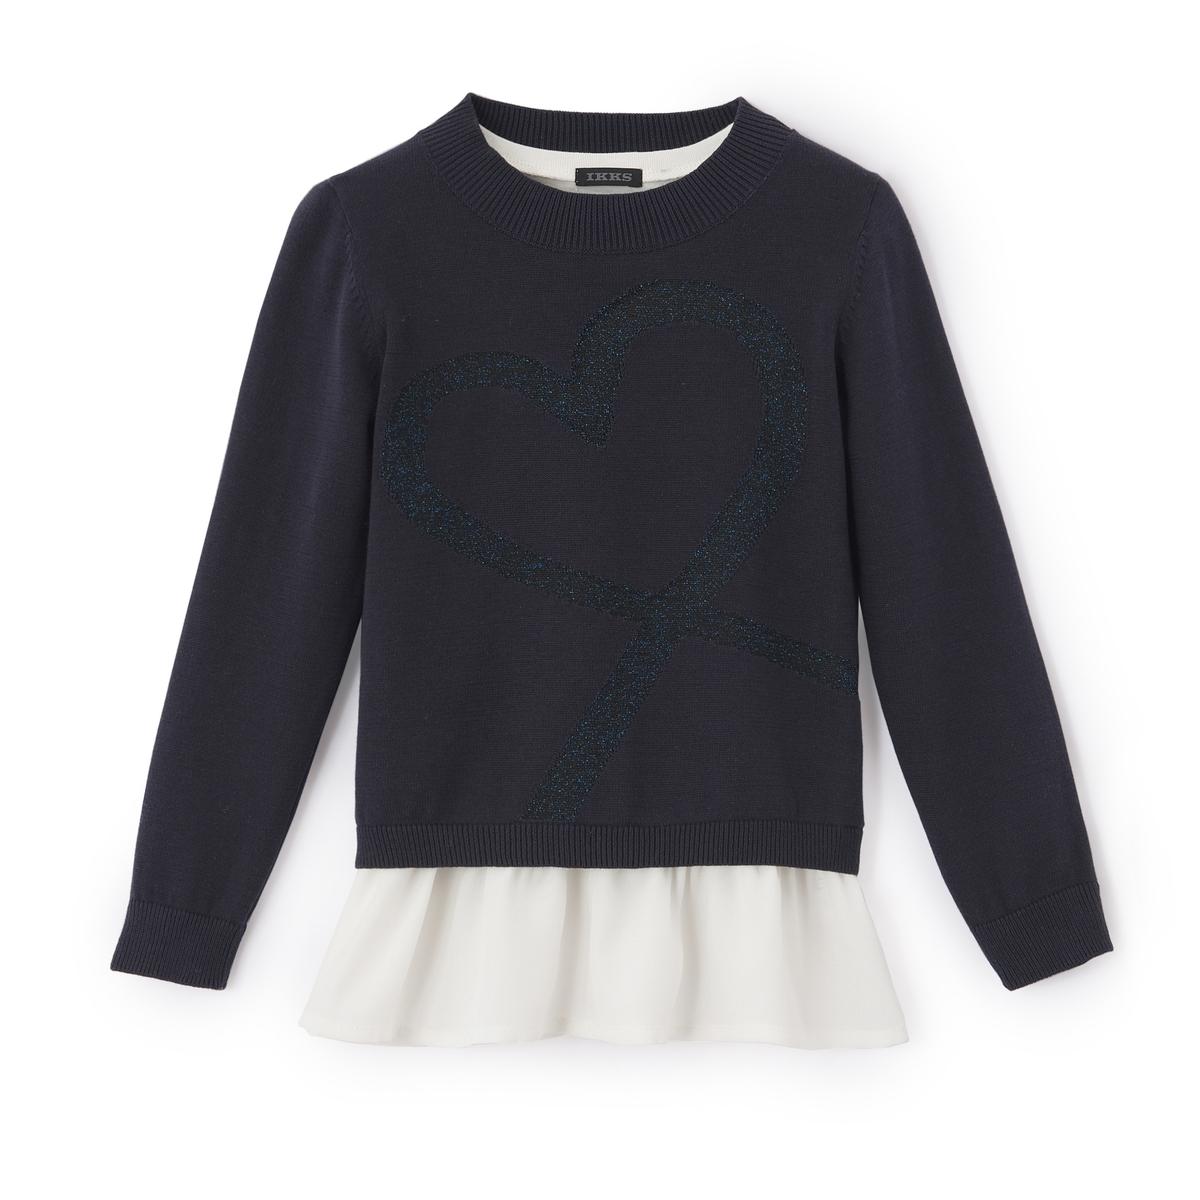 Пуловер с круглым вырезом, из тонкого трикотажа от IKKS JUNIOR